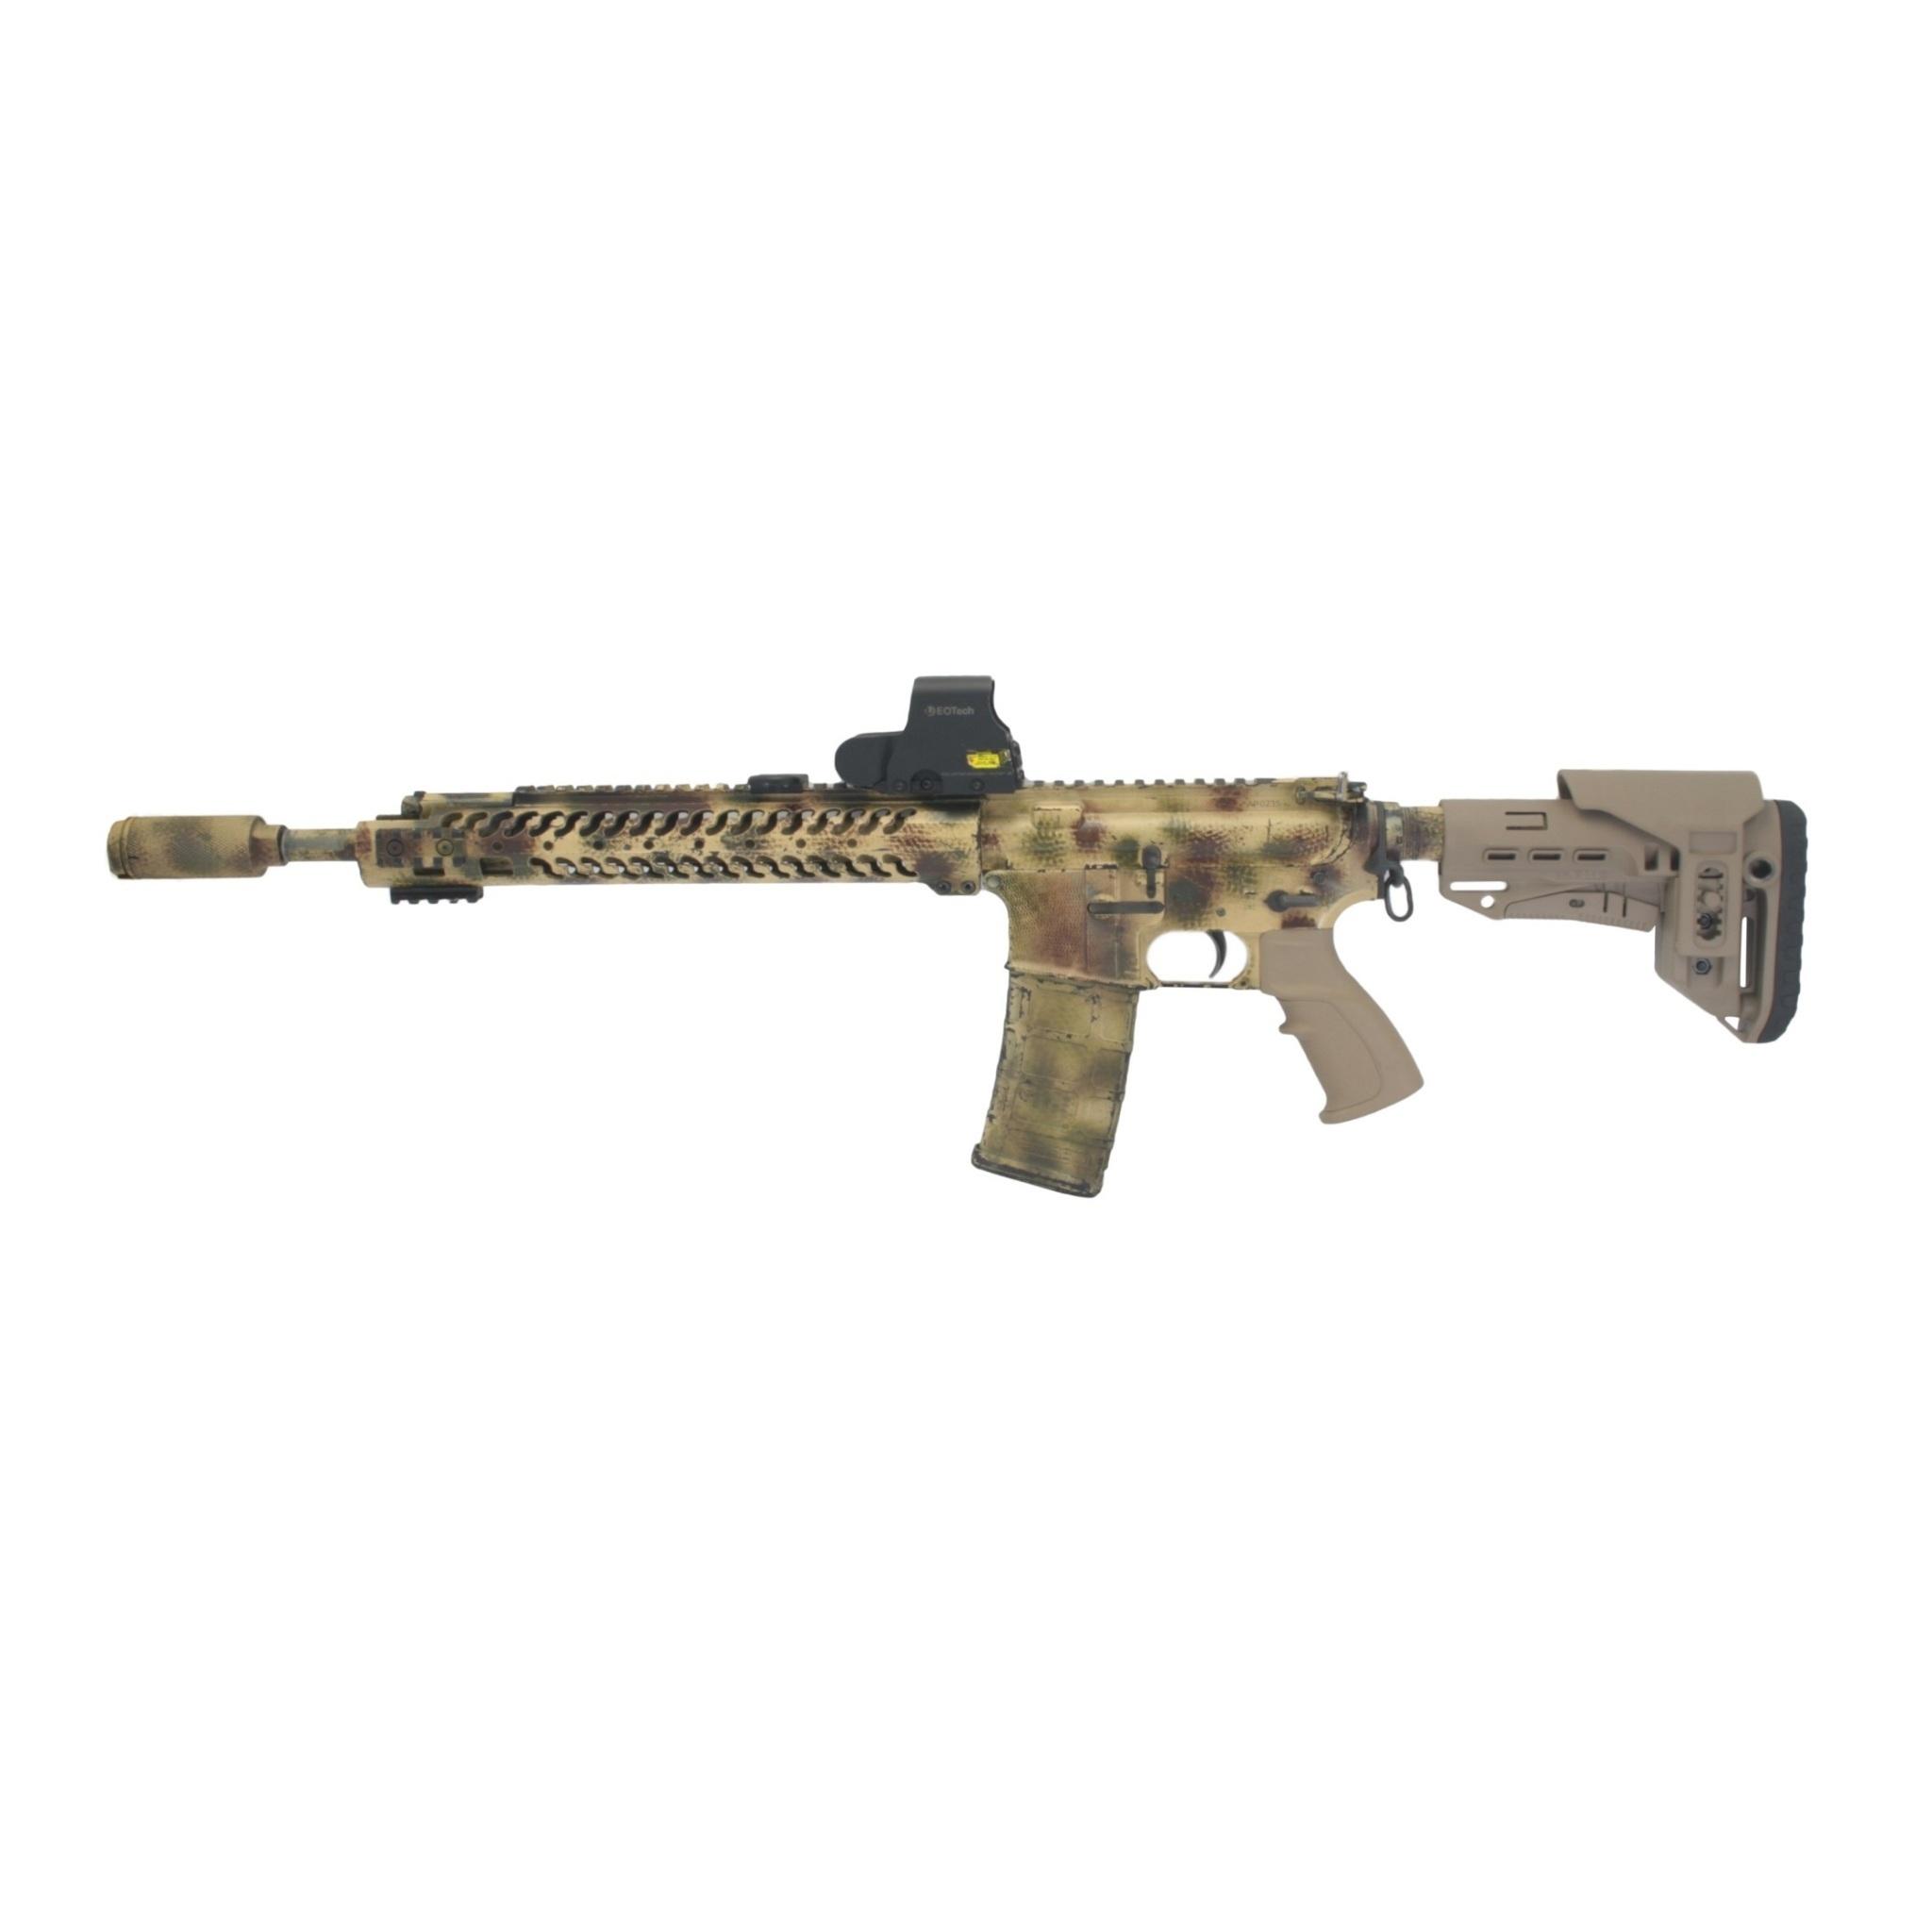 Короткий подщечник для AR для приклада TBS Compact, DLG Tactical - в сборе